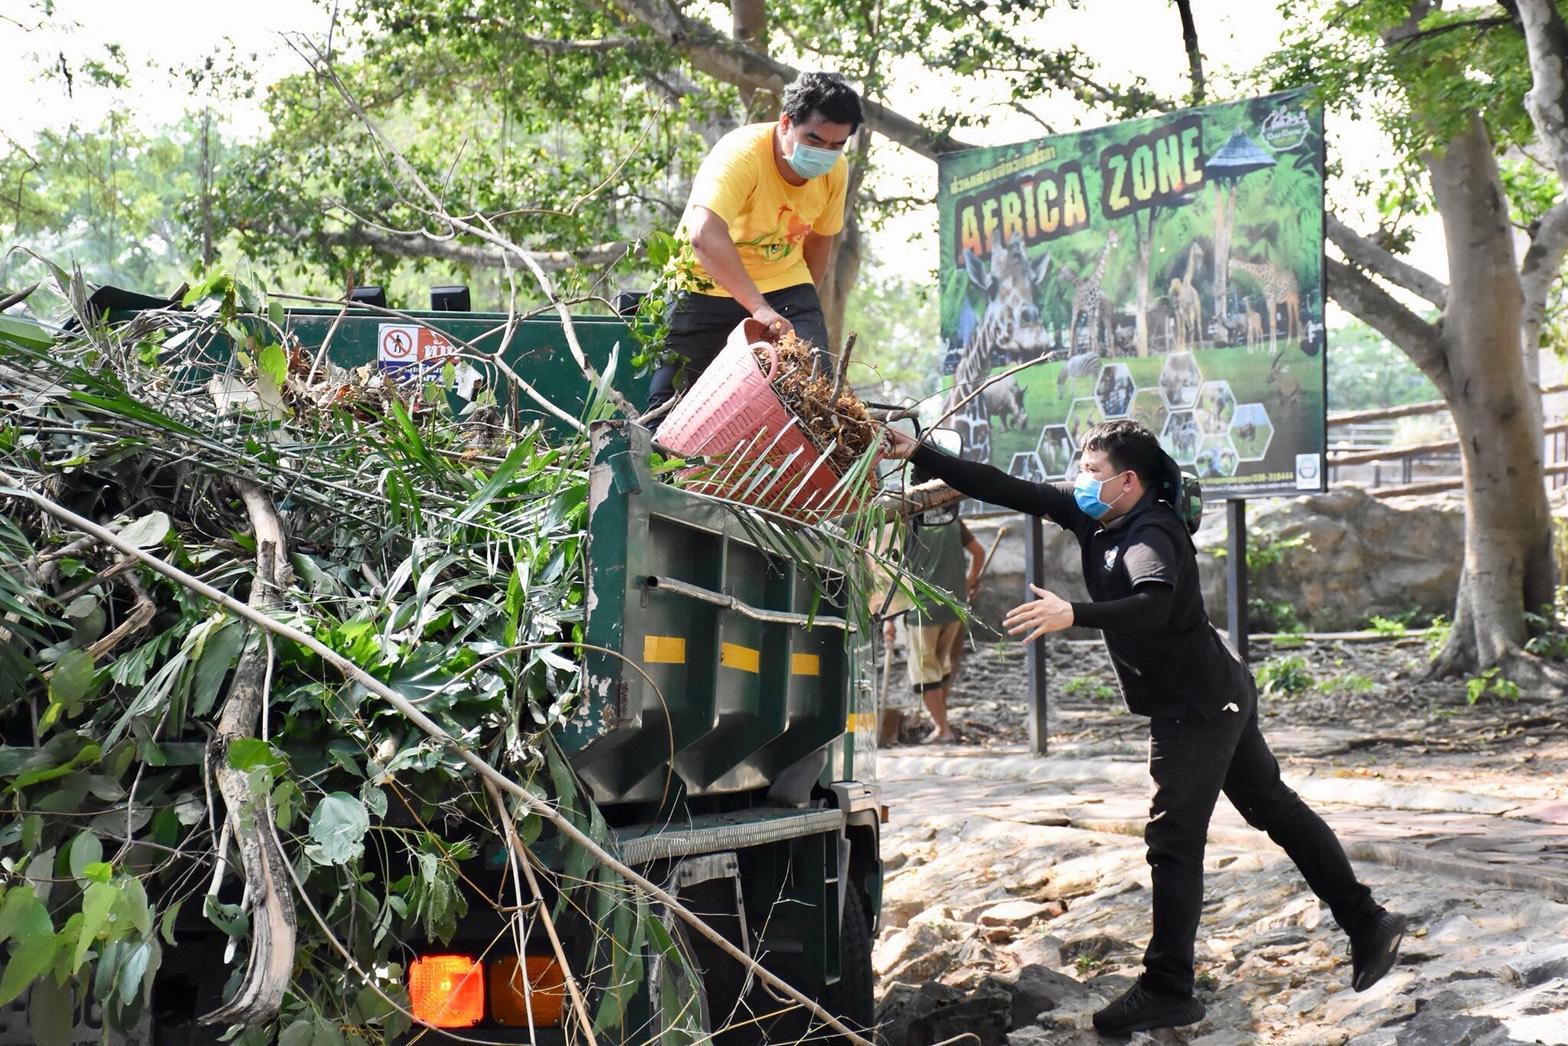 องค์การสวนสัตว์ ตรวจเยี่ยมสวนสัตว์เปิดเขาเขียว หลังปิดหนีโควิด-19